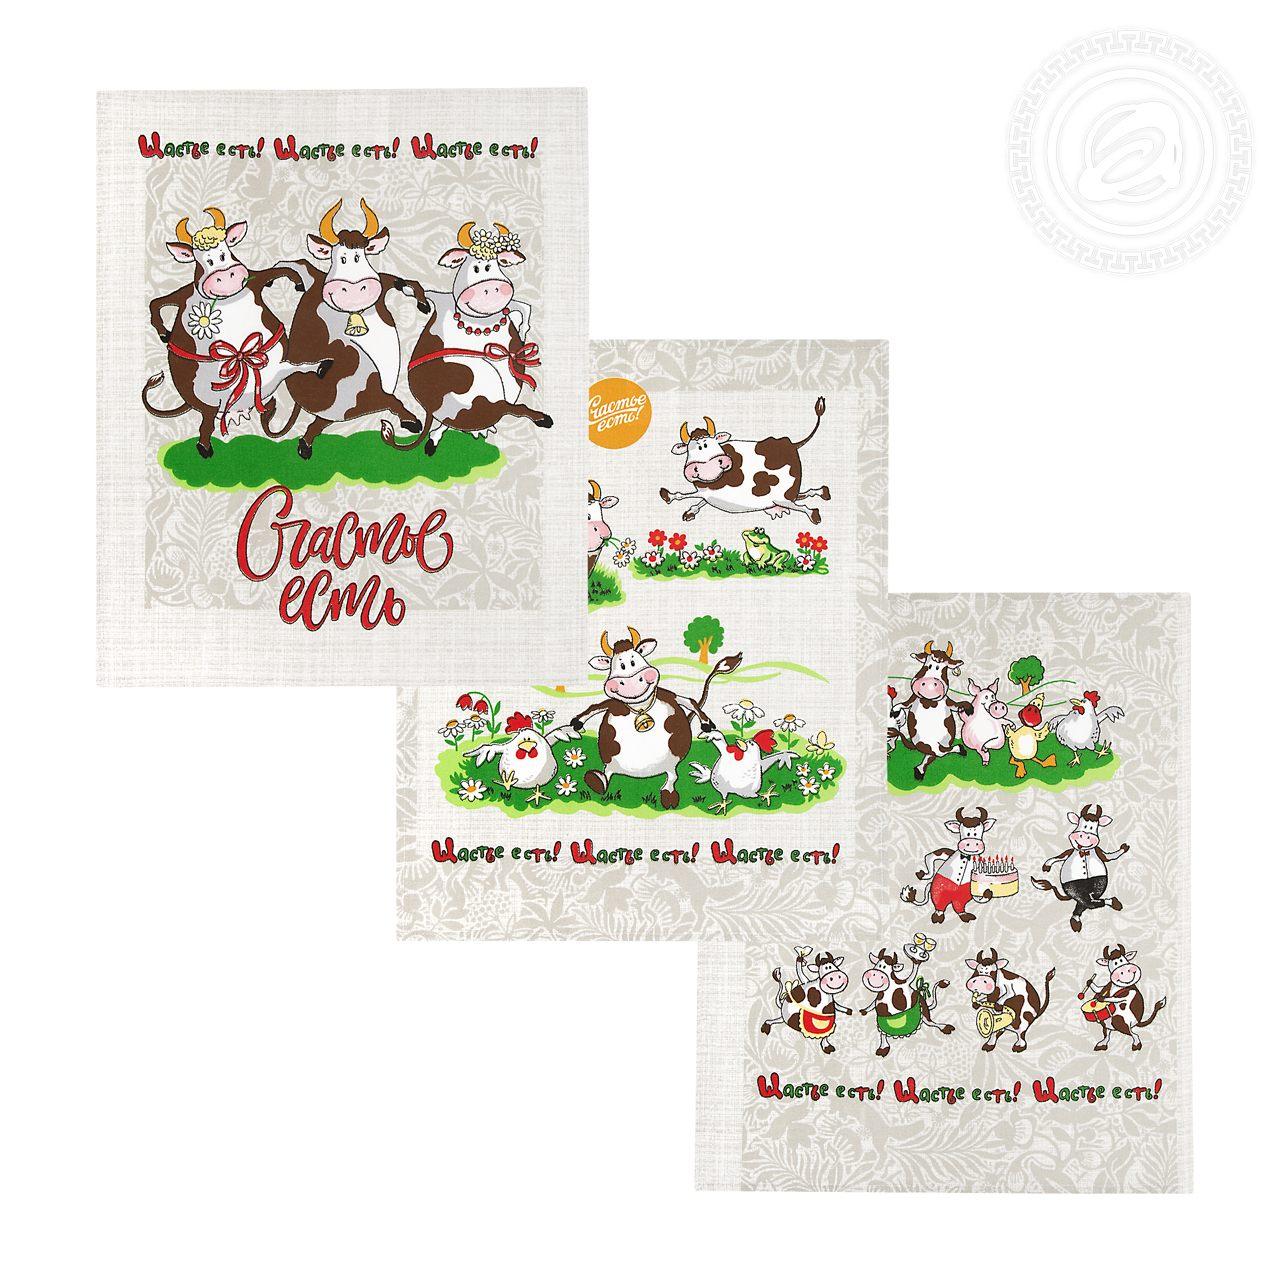 Комплект вафельных полотенец 45x60 (3 шт) Счастье есть Артпостель